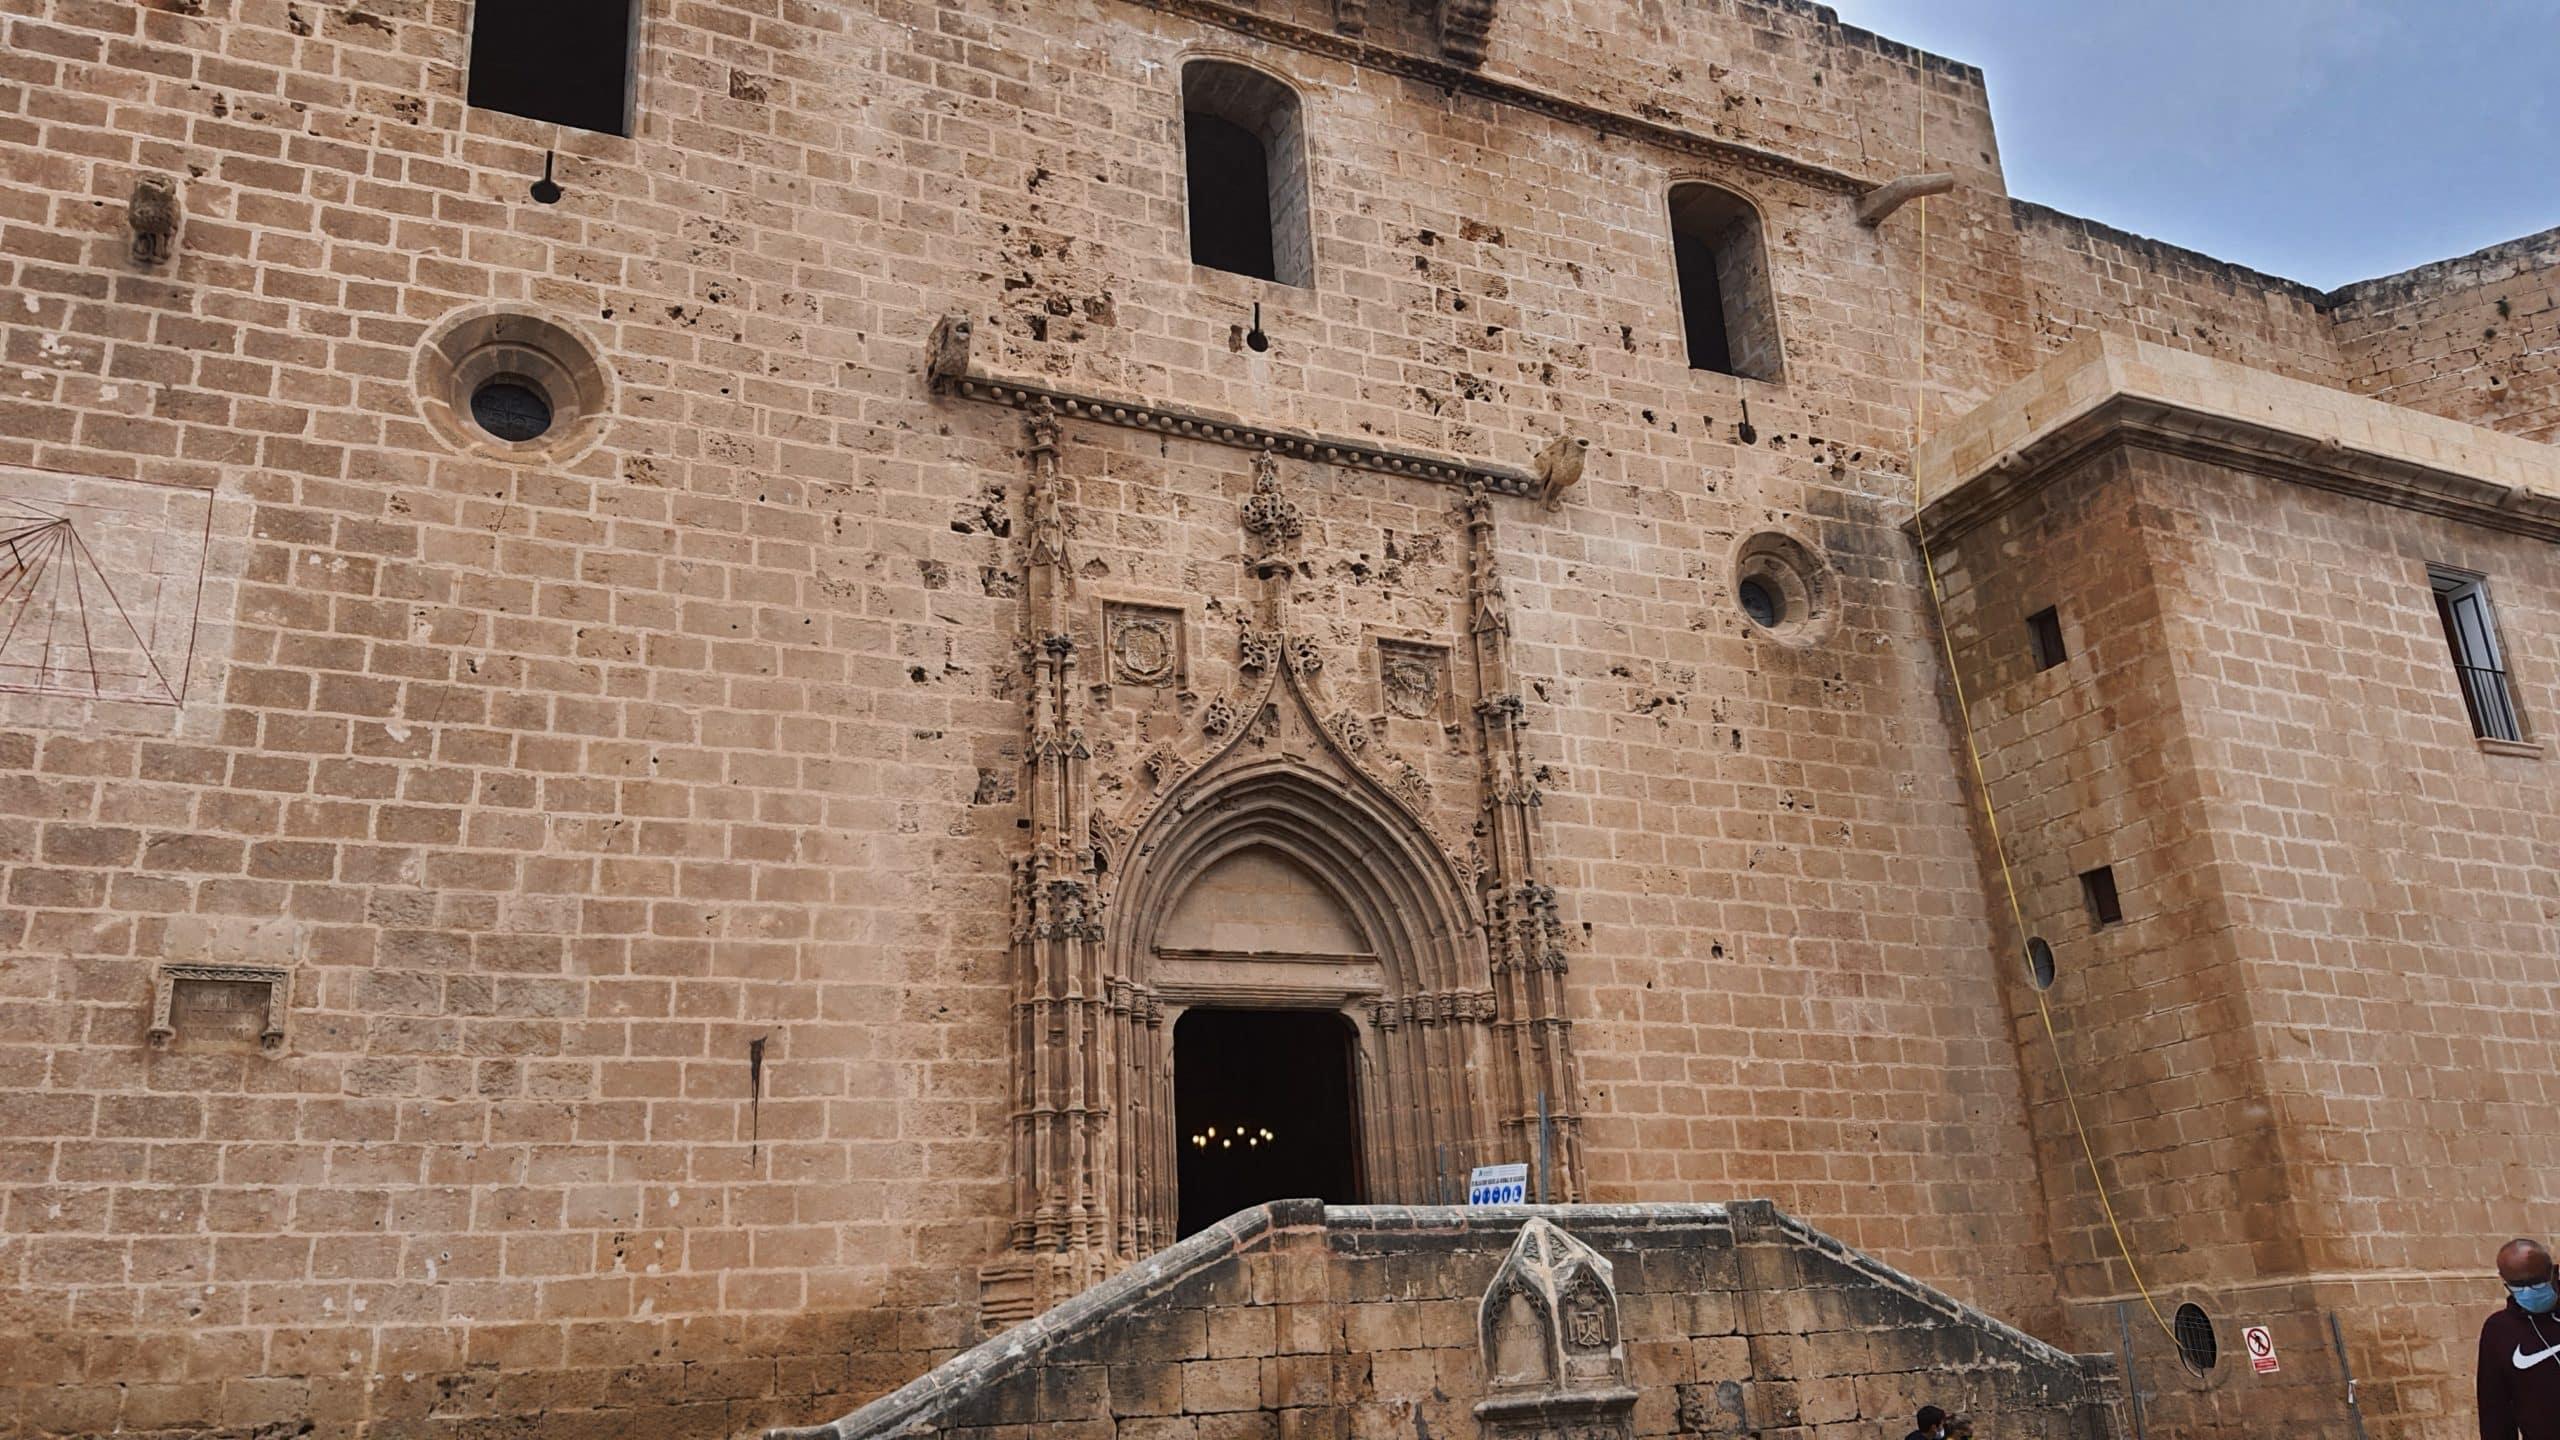 Fortress- Church of San Bartolome